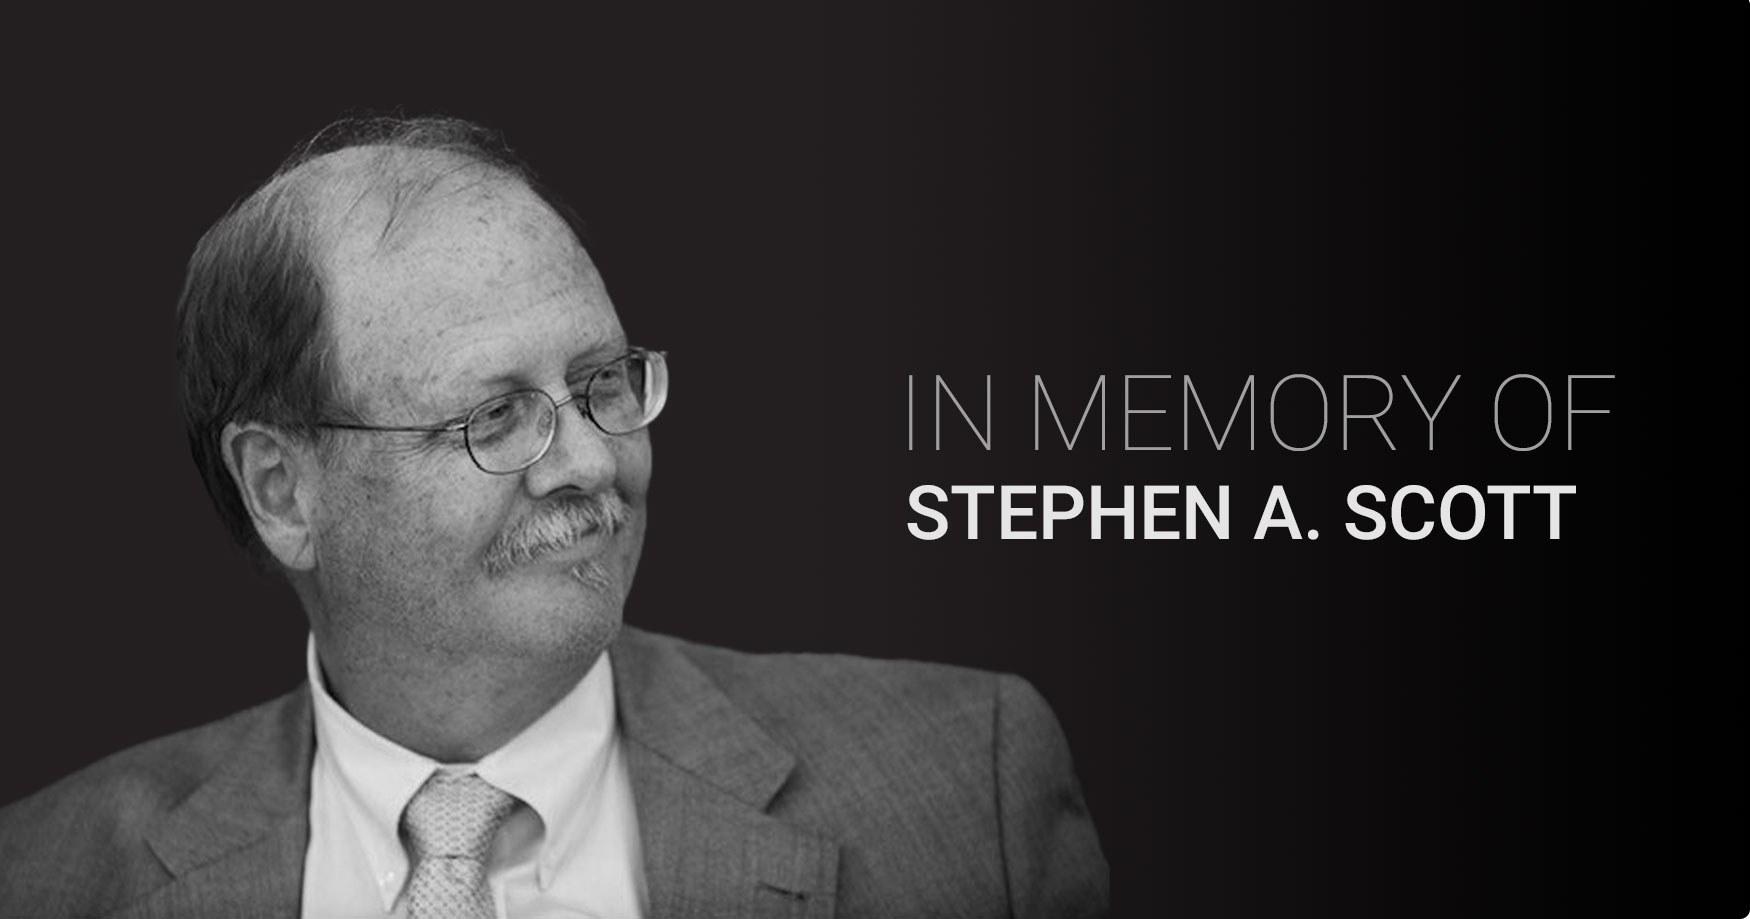 Stephen Scott Memoriam